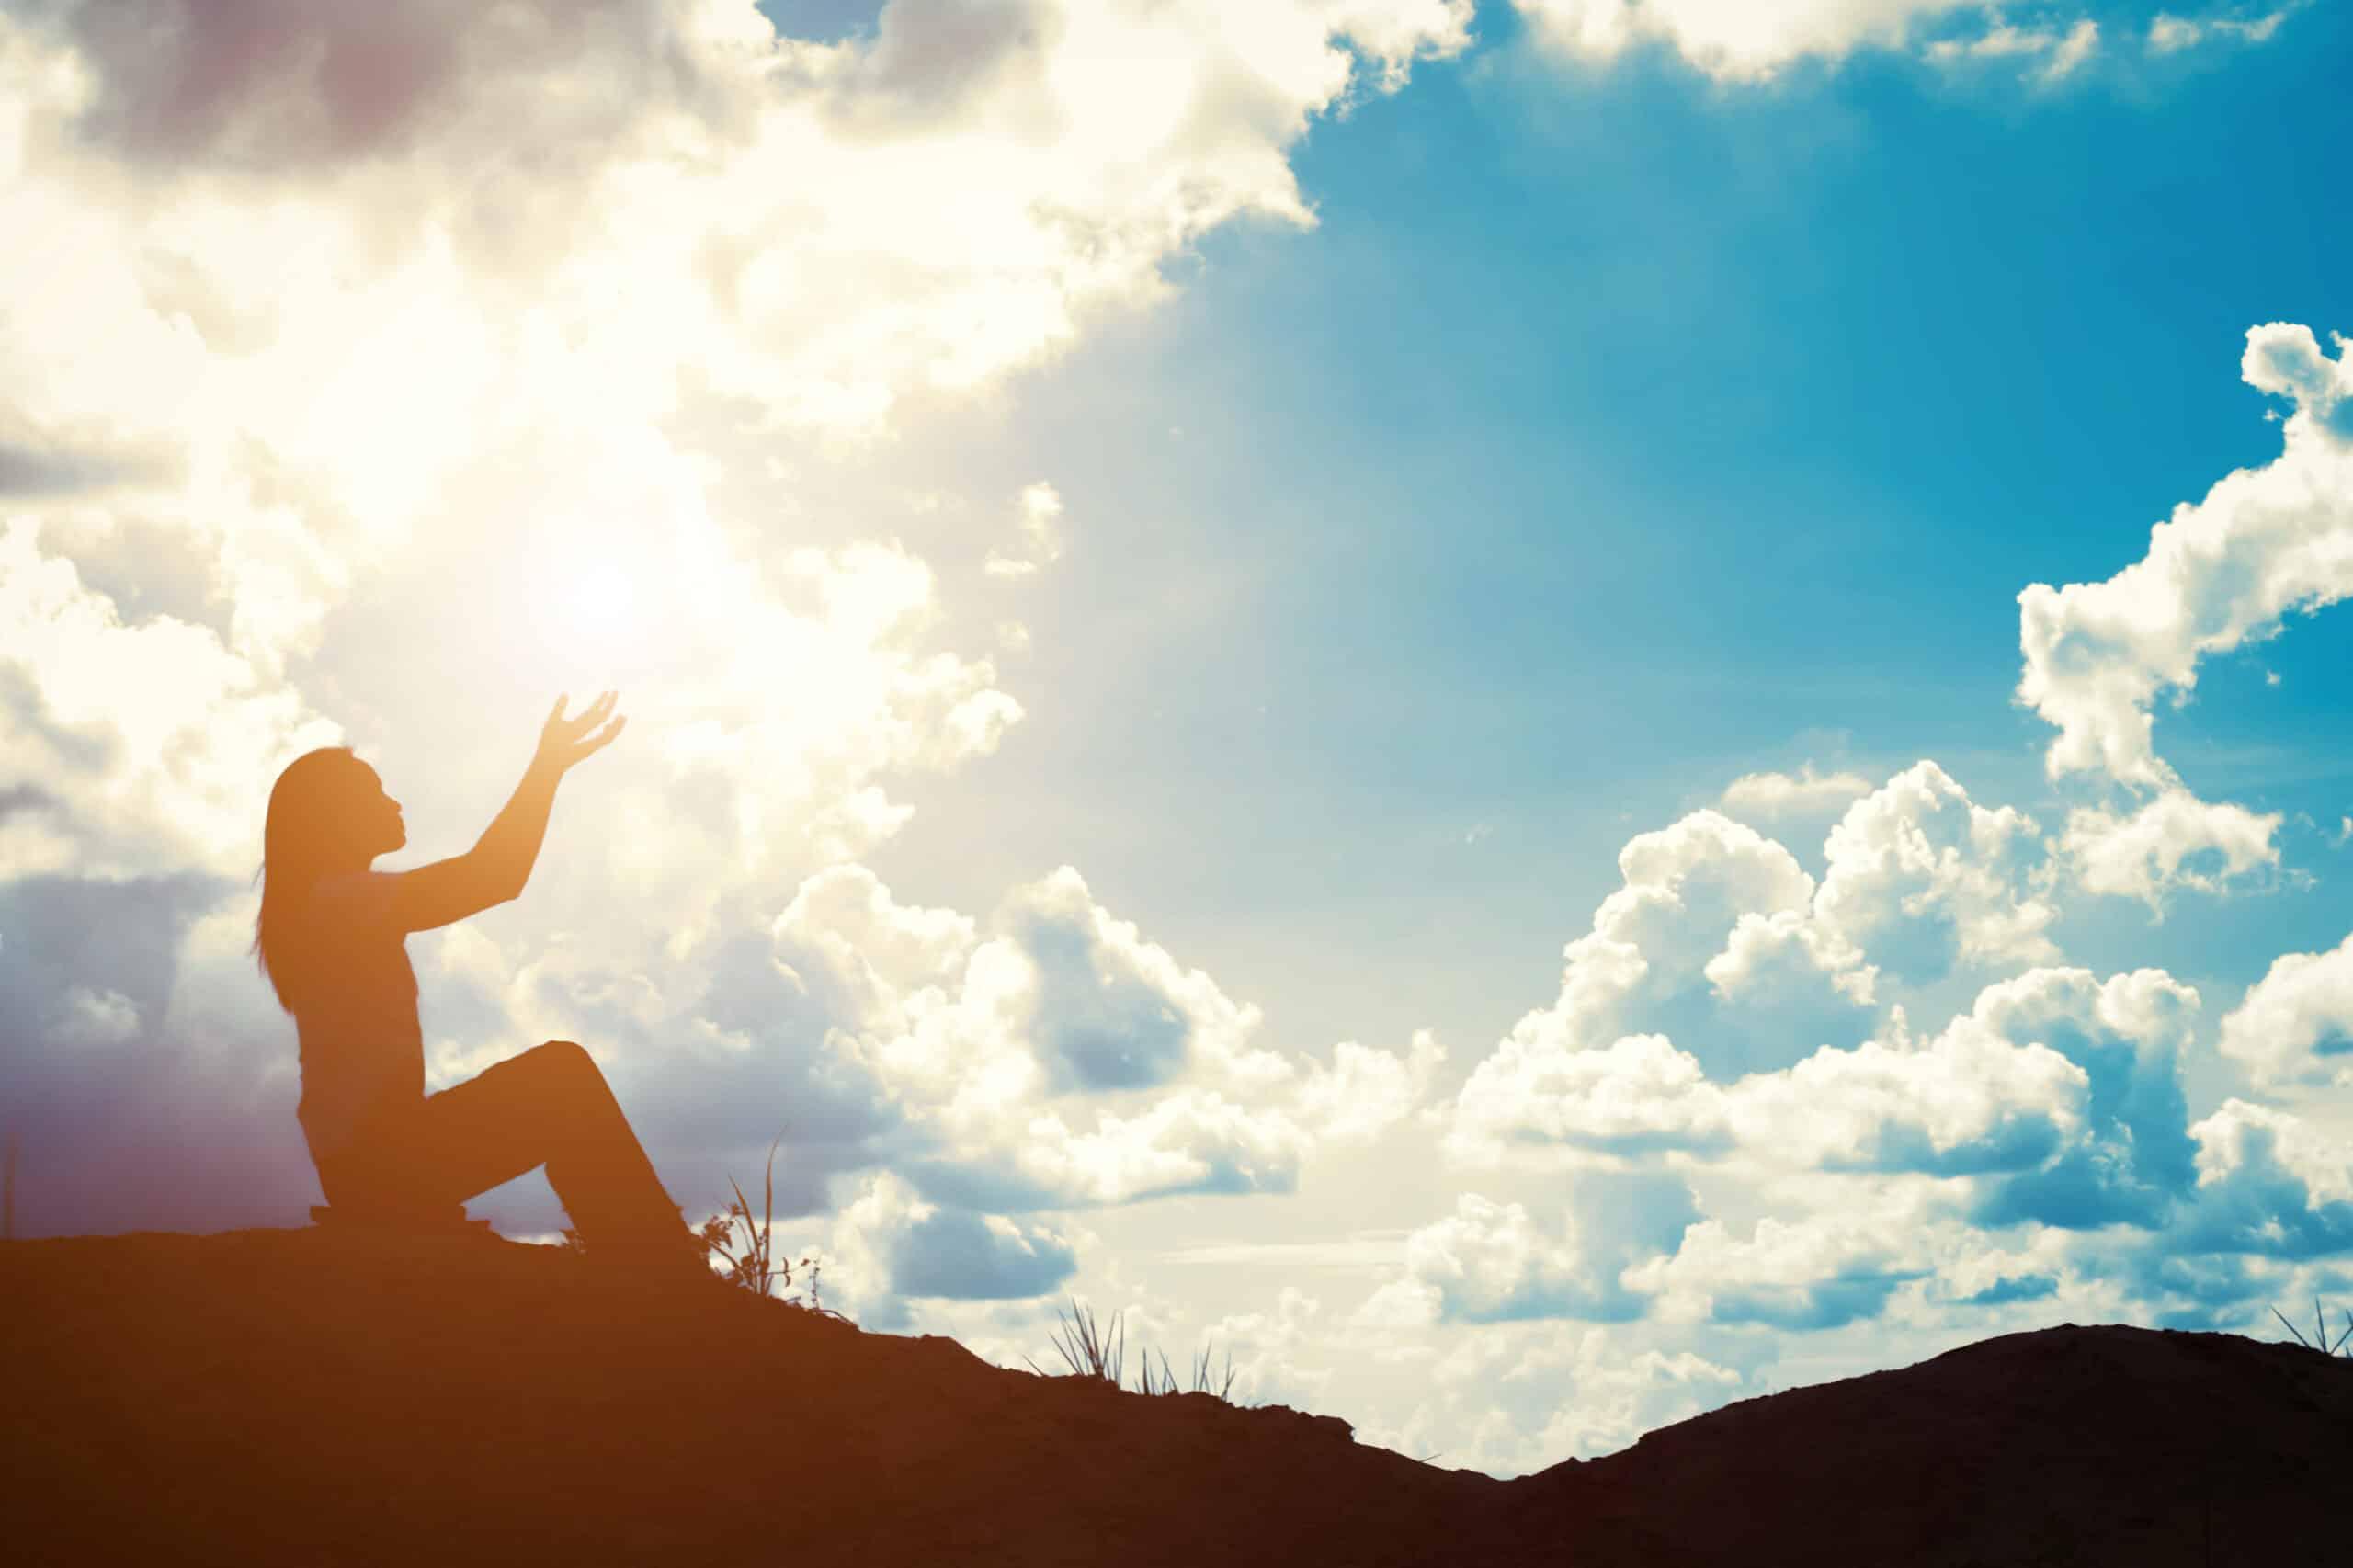 Συνειδητότητα: O #1 παράγοντας που καθορίζει την ζωή σου nlp life cooach μανώλης ισχάκης holistic result coaching